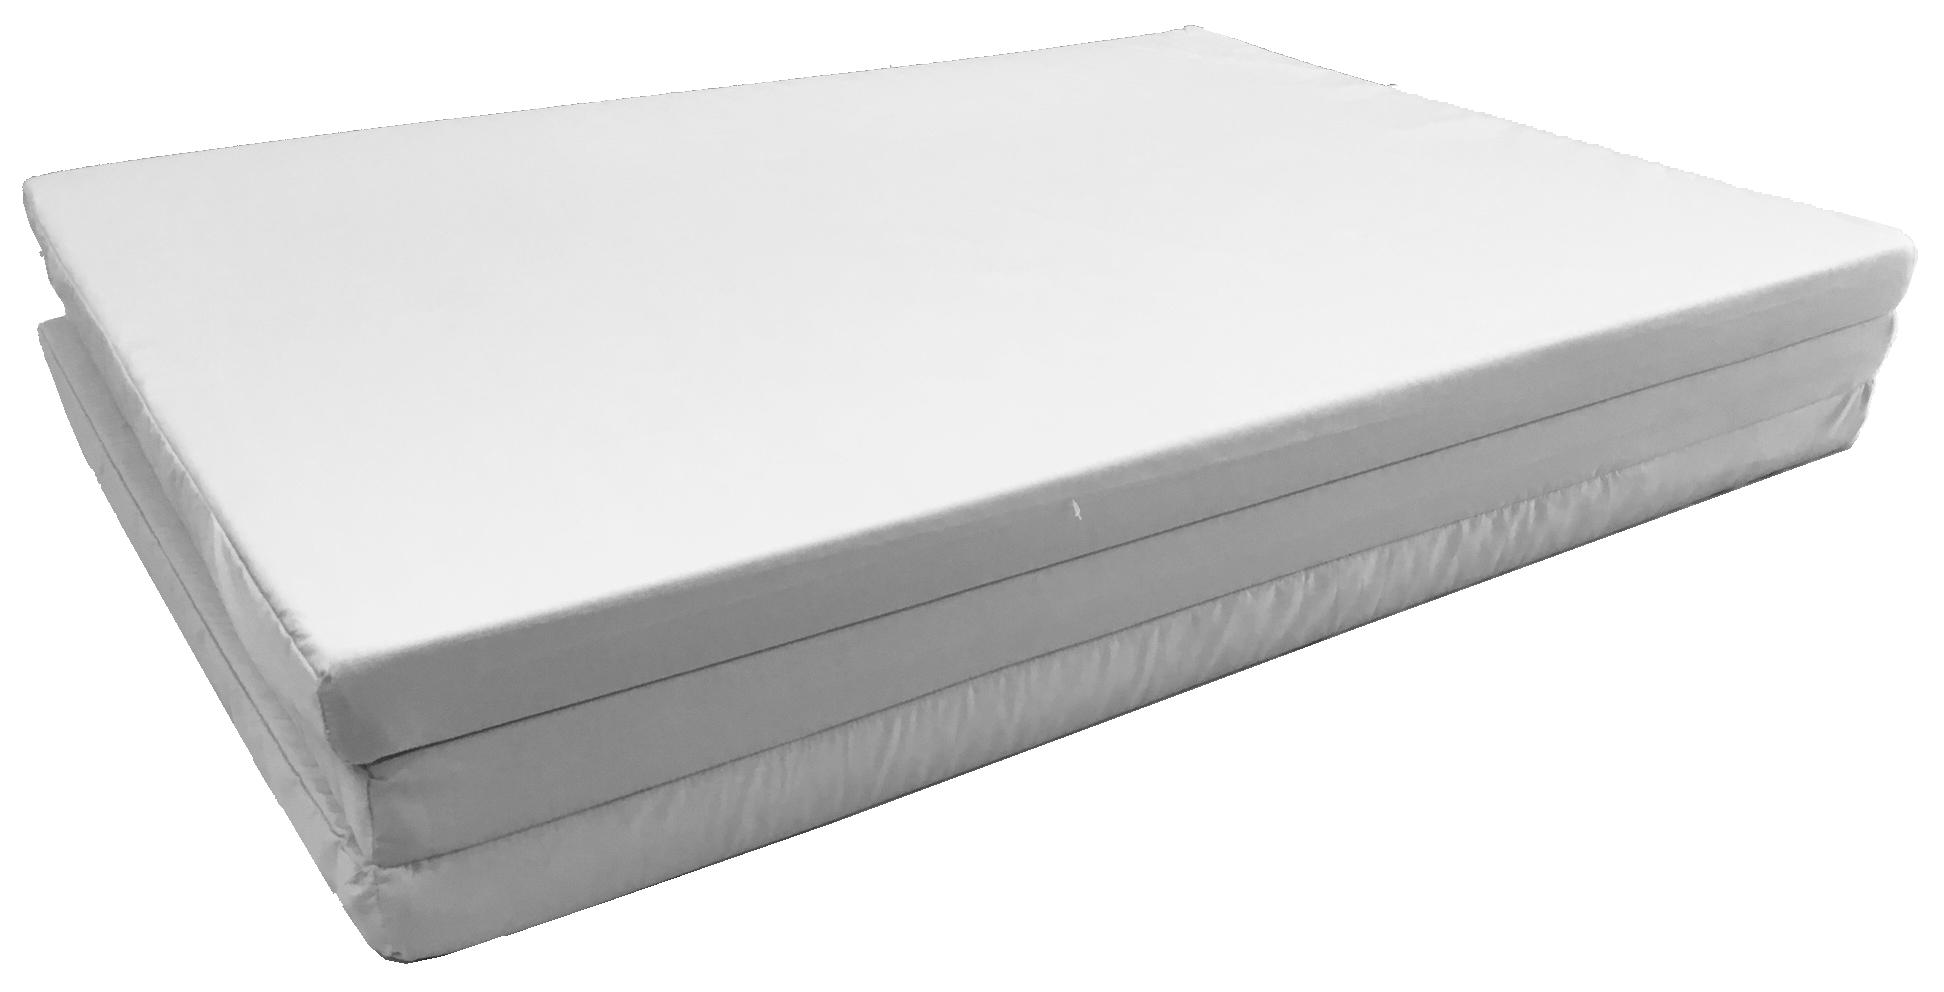 ที่นอนเพื่อสุขภาพ kenko mattress รุ่น flat แบบพับ 3 พับ